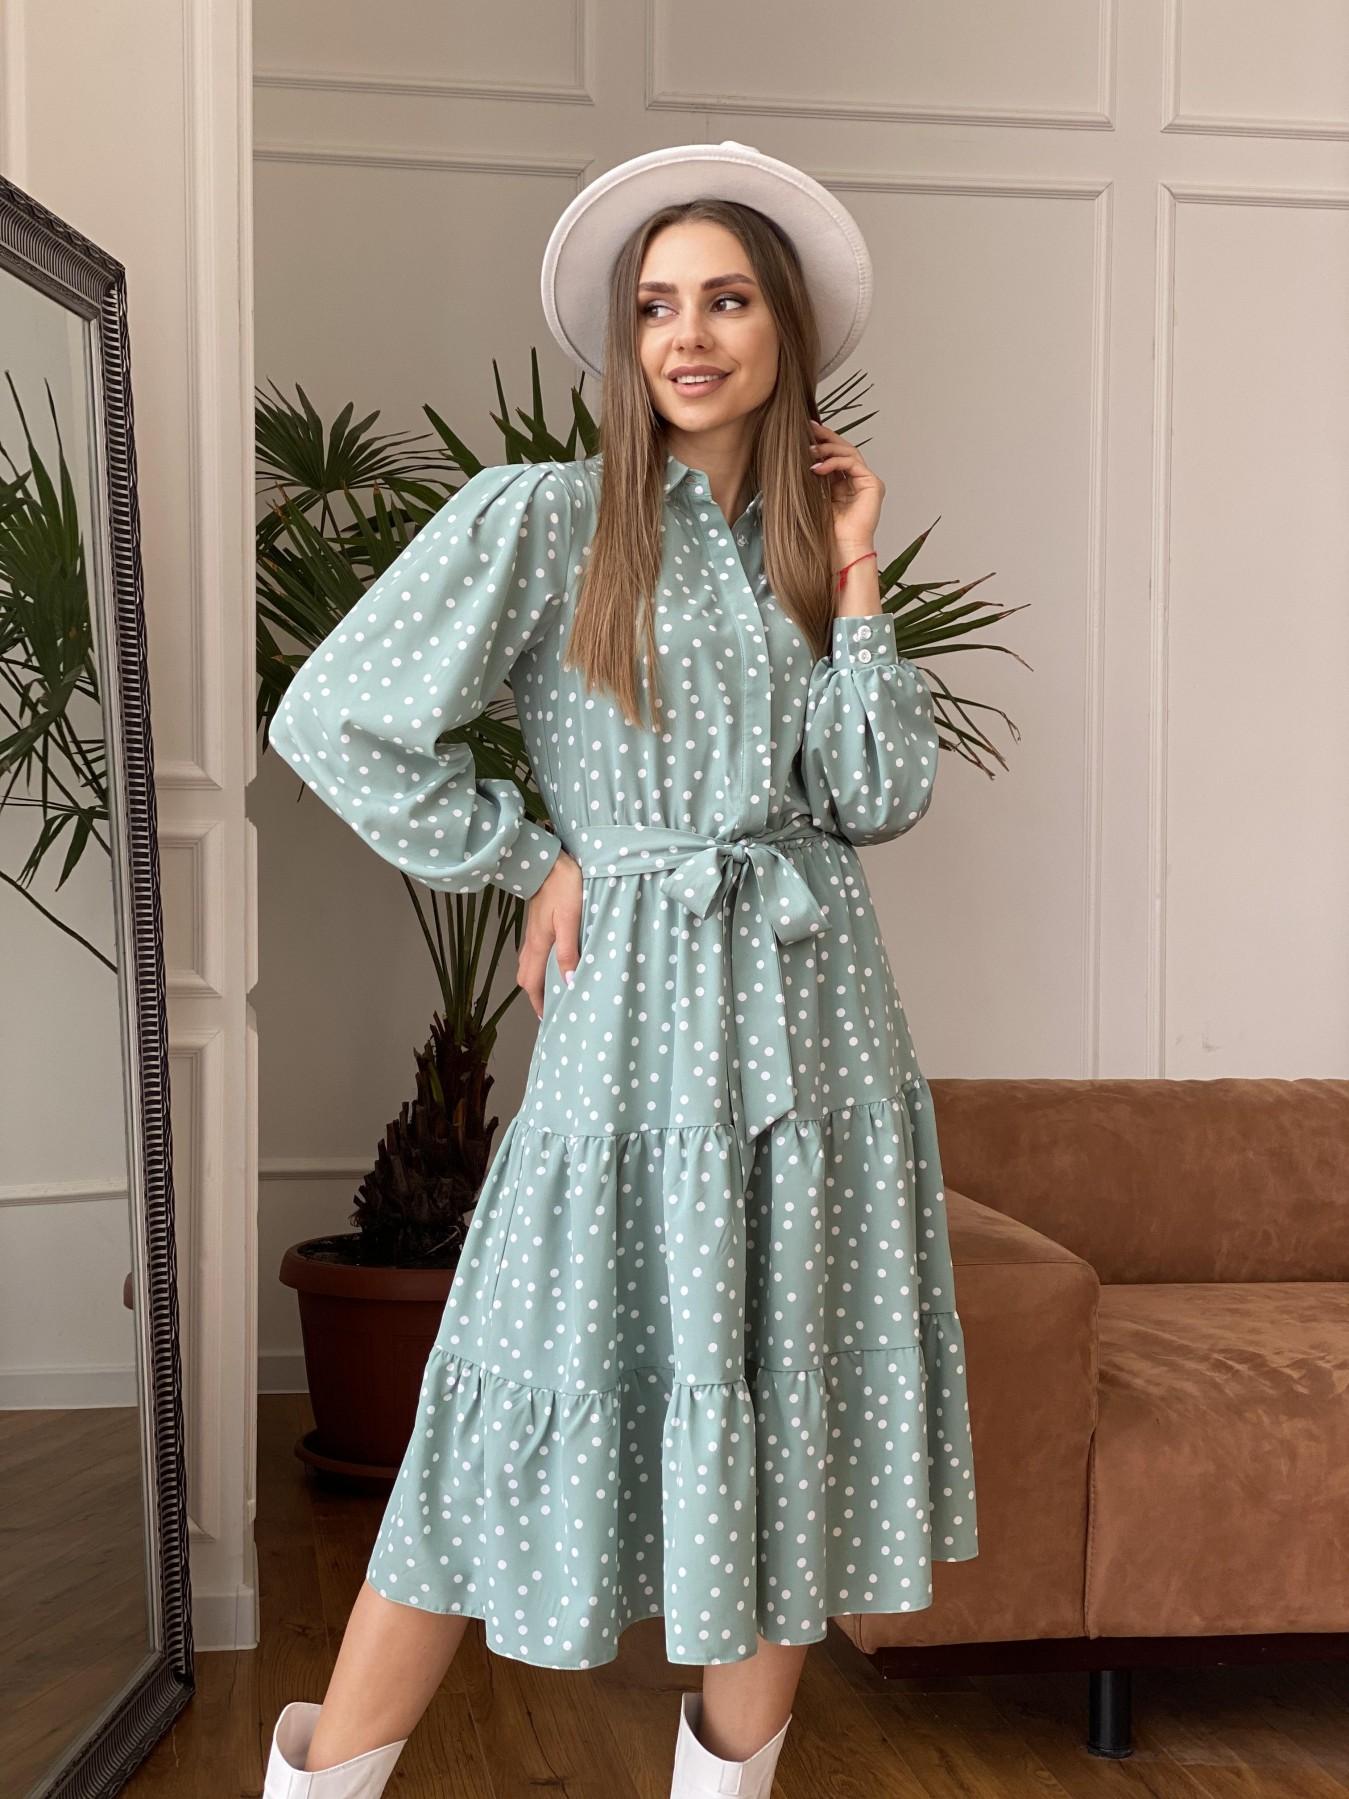 Лилия платье из софта с принтом 11108 АРТ. 47591 Цвет: МятаТем/БелыйГорохКом - фото 5, интернет магазин tm-modus.ru